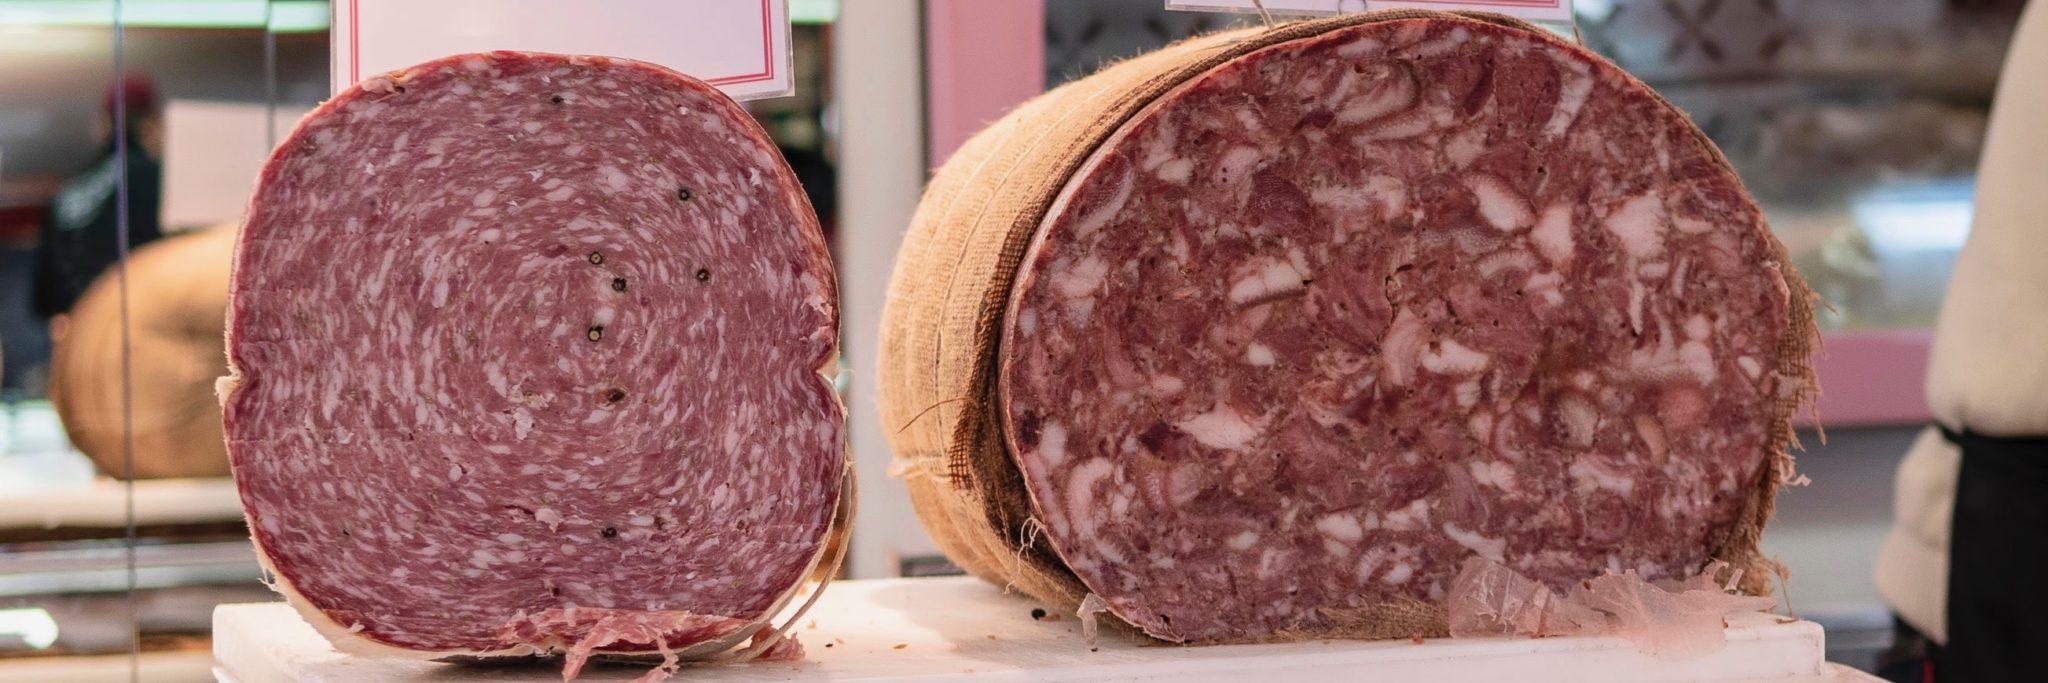 salumi-toscani-carne toscana-prodotti-tipici-toscani